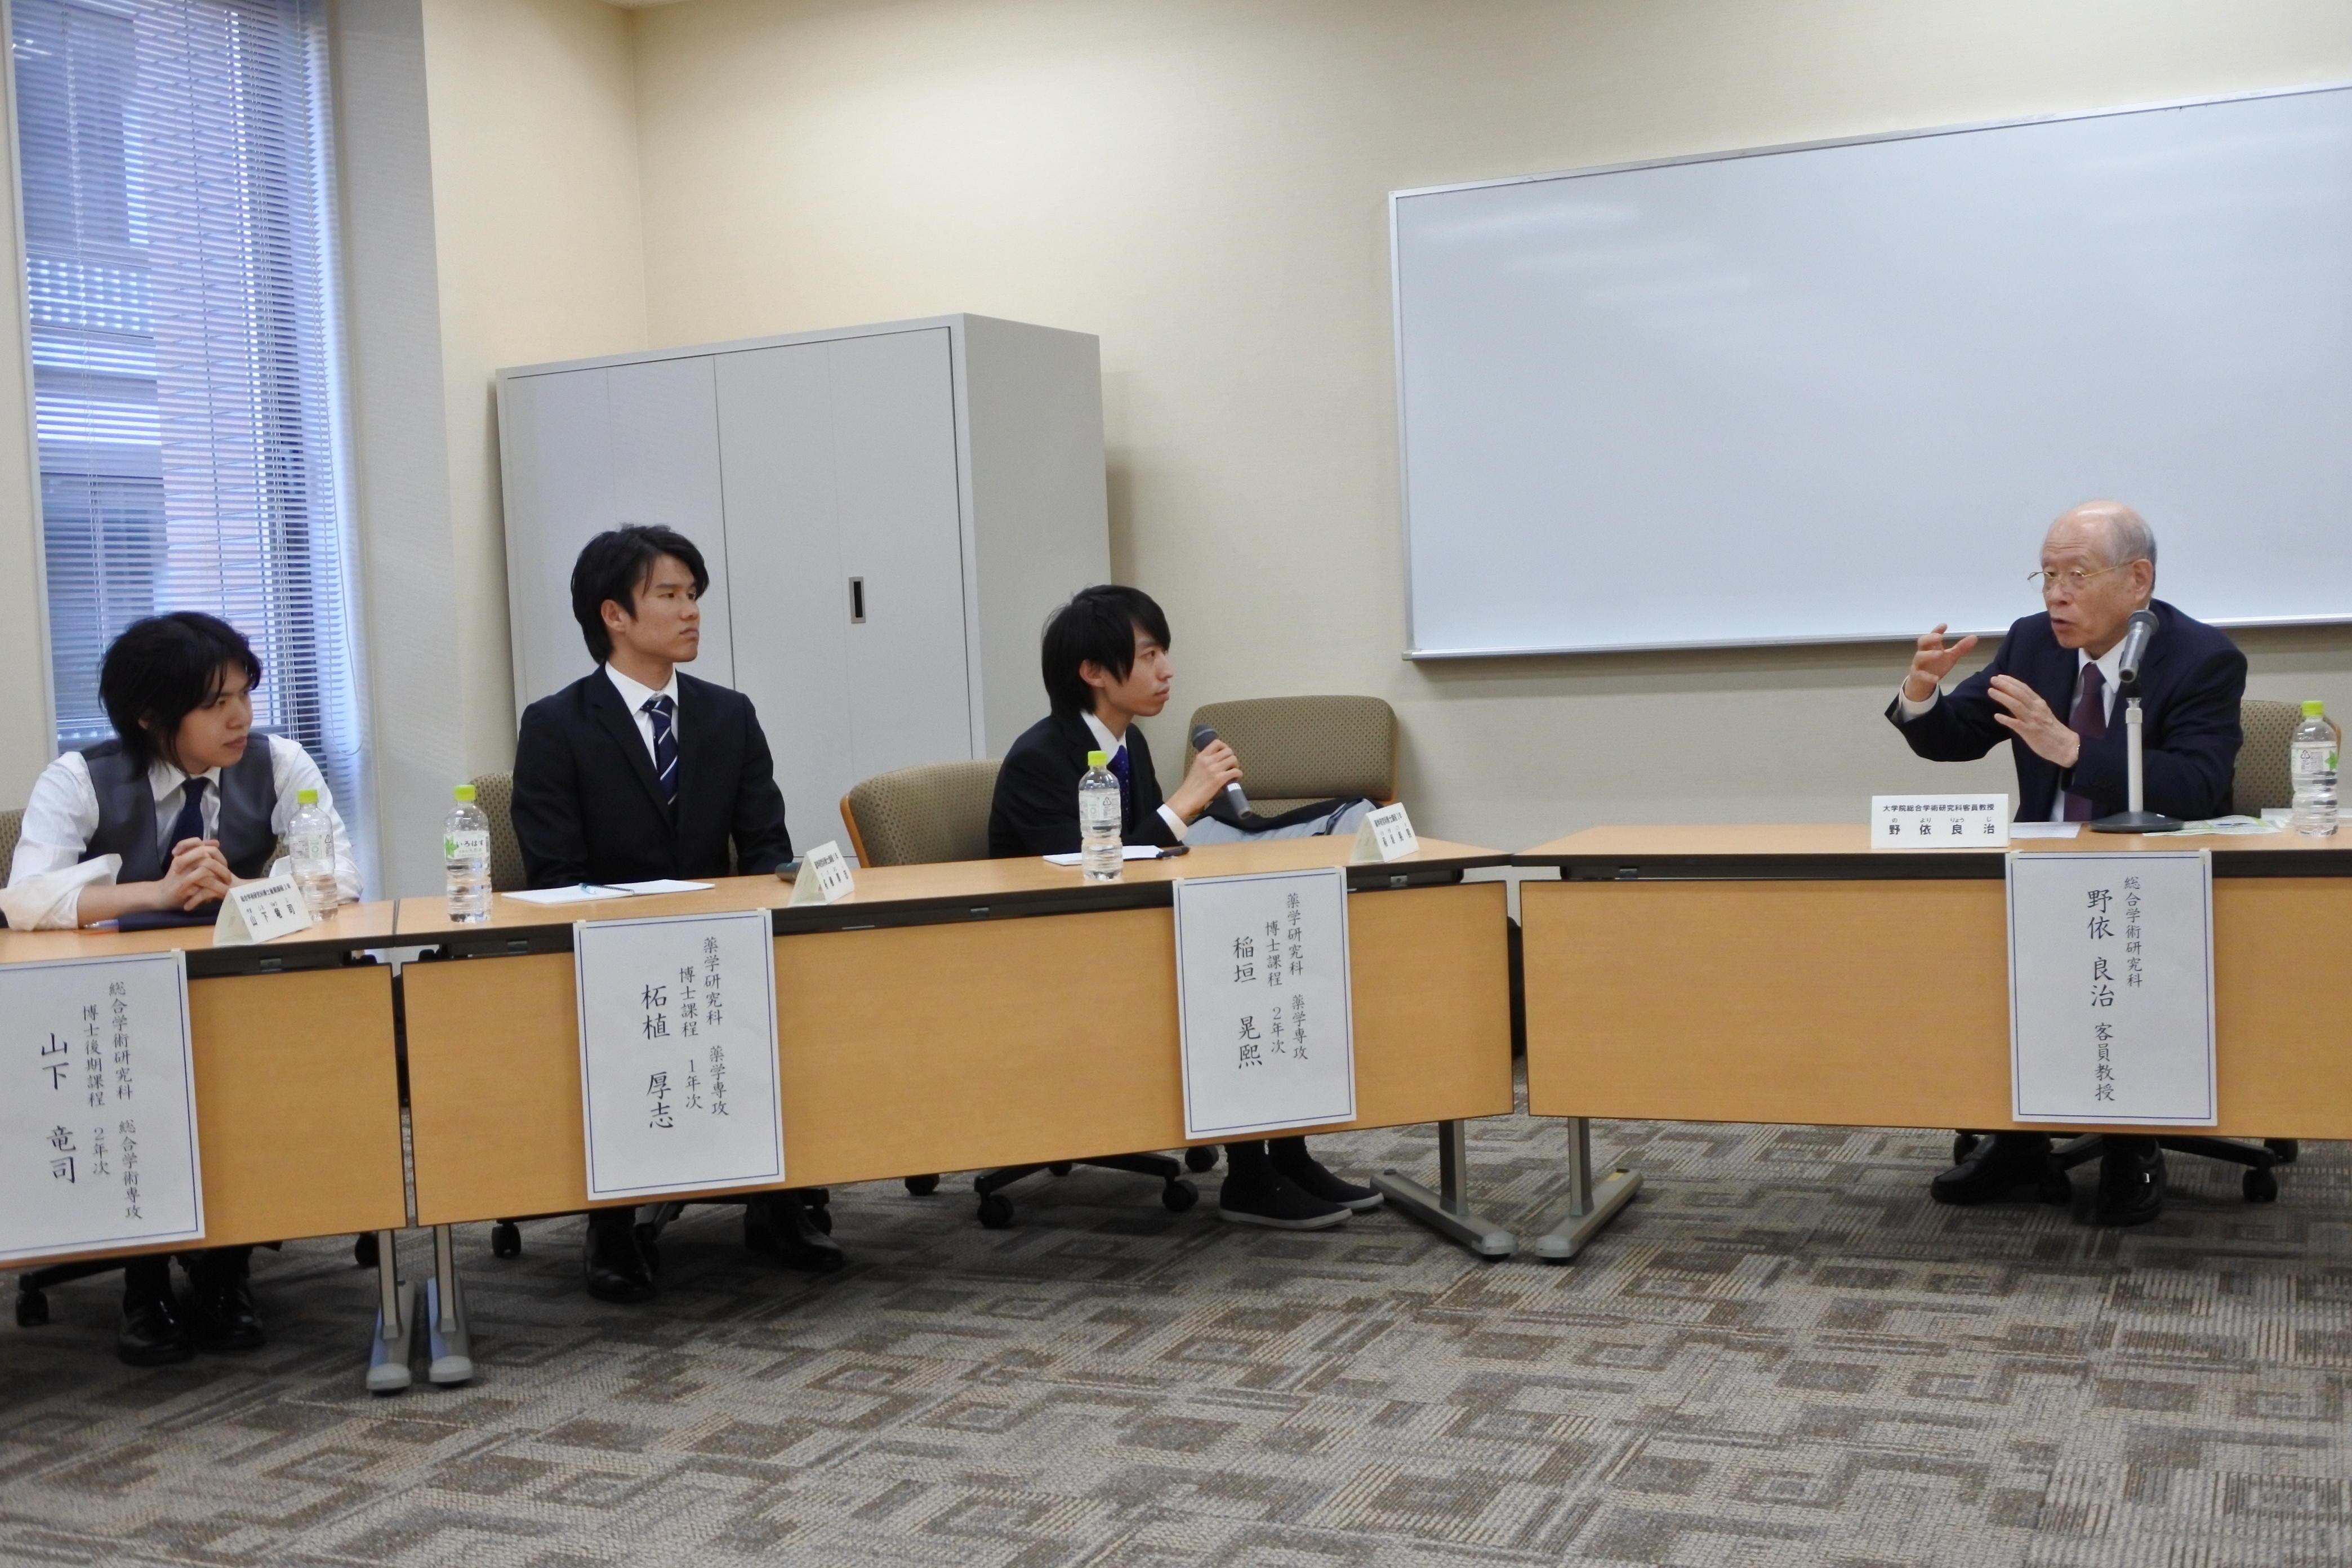 (右から)野依客員教授、稲垣さん、柘植さん、山下さん